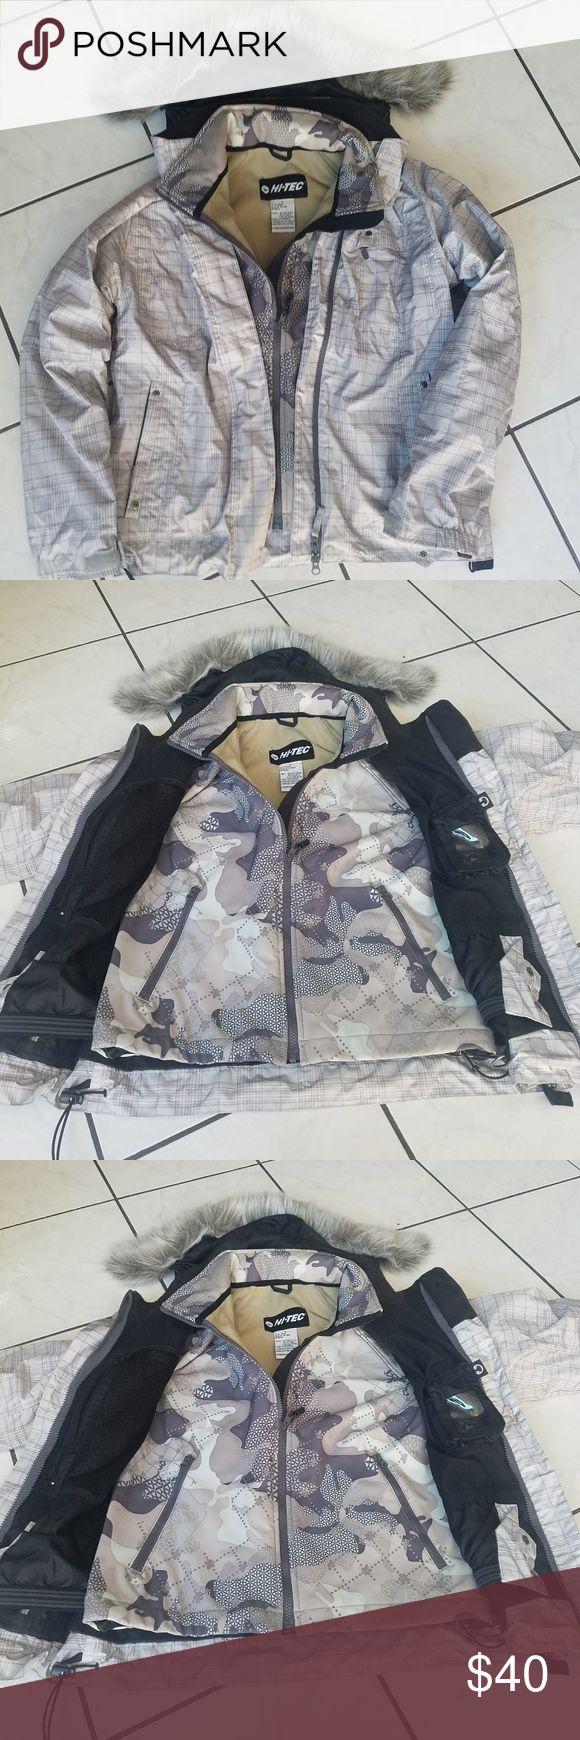 Grey Plaid + Camo Snowboarding JKT Grey Plaid Snowboarding JKT by HI-Tec Detachable hood Extra jacket inside too  Armpit Zippers too Hi-Tec Jackets & Coats